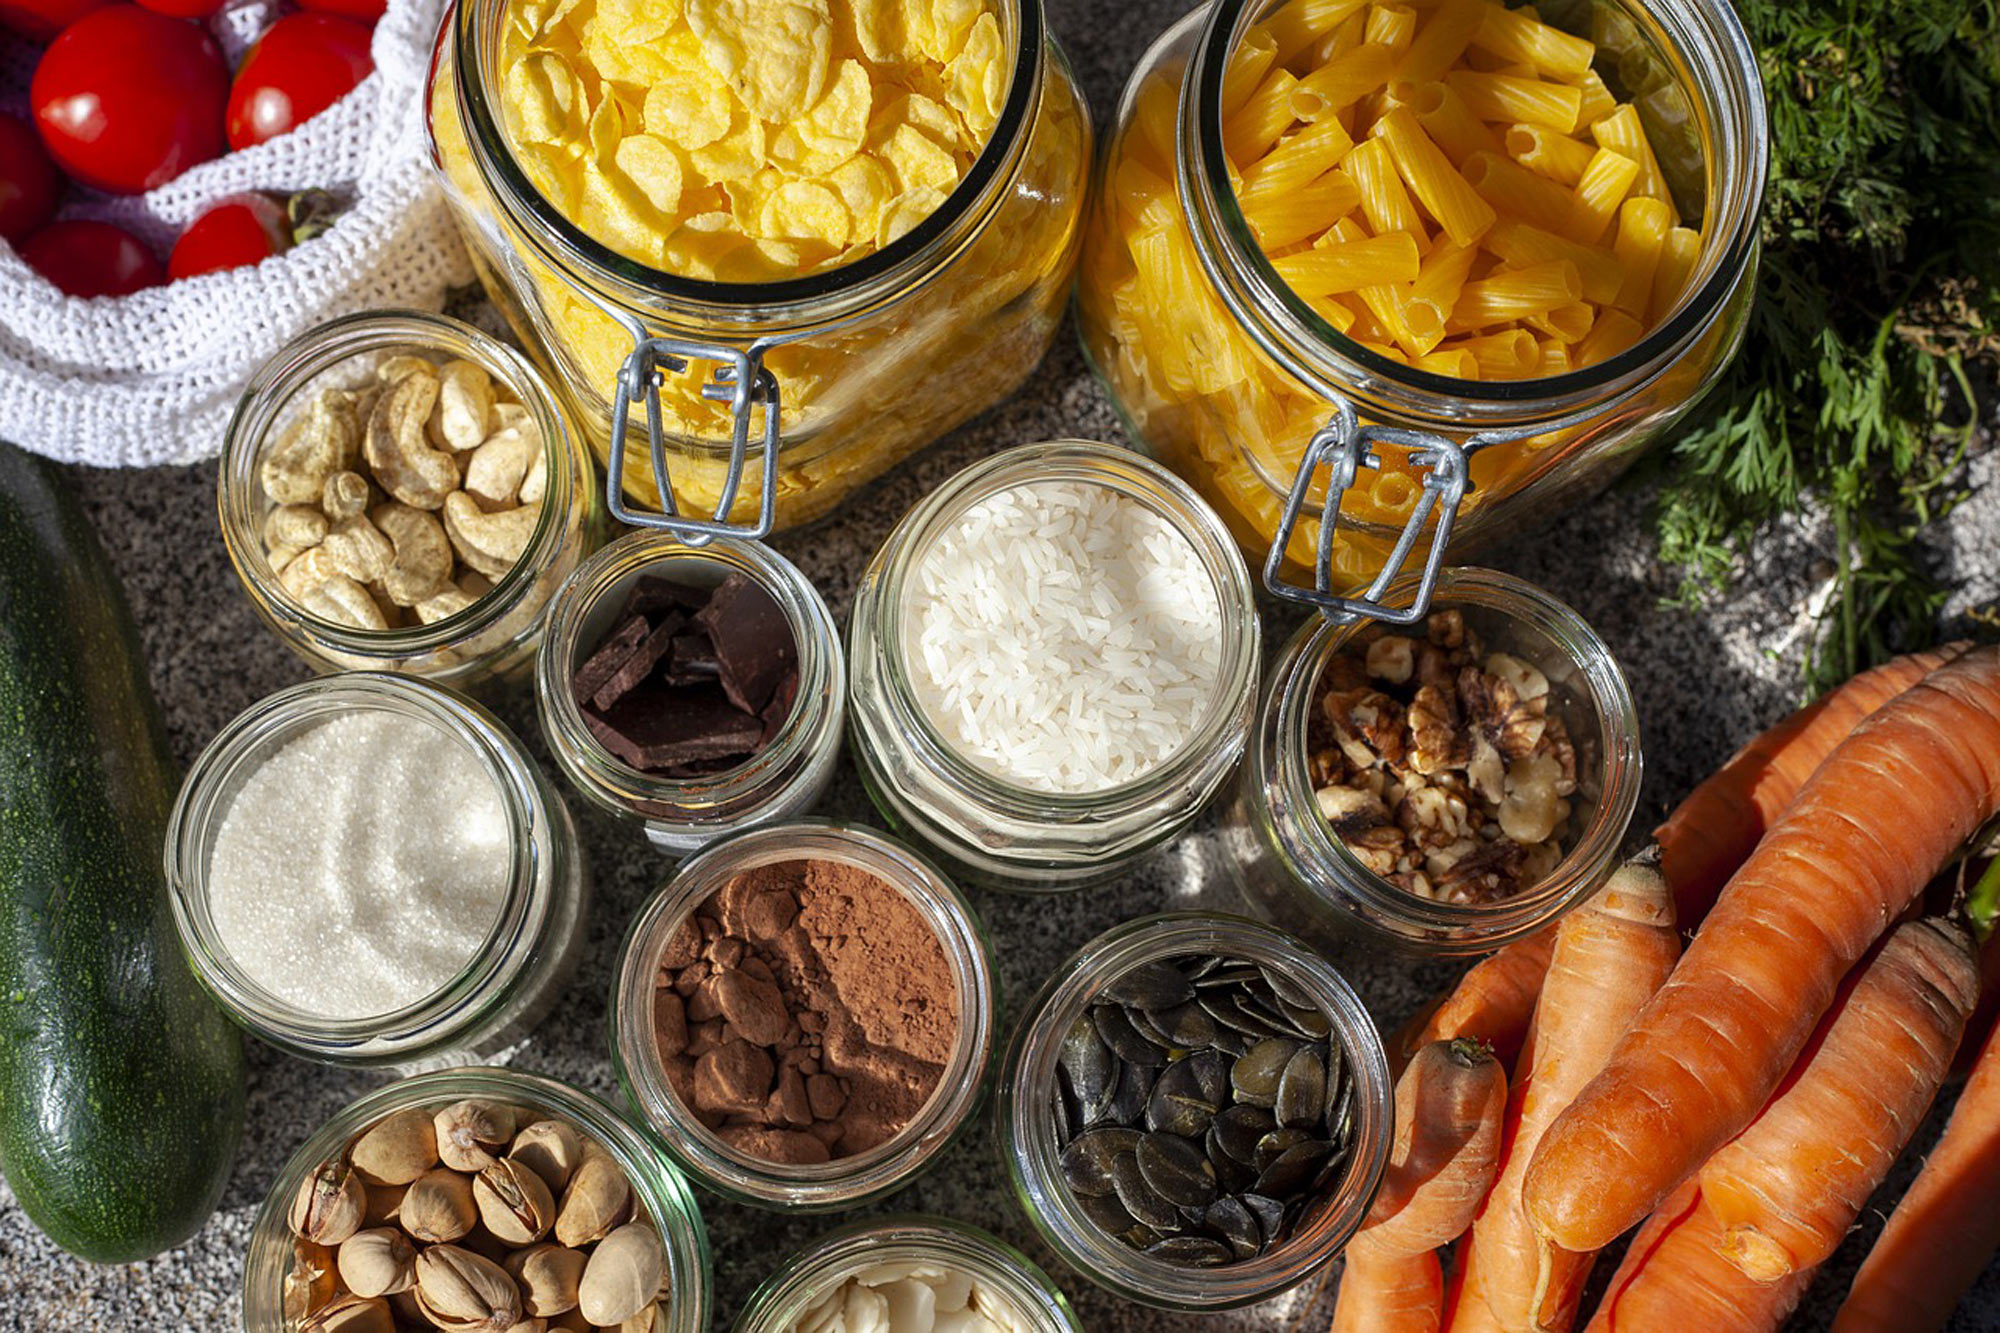 Lebensmittel, wie Nudeln, Cornflakes, Reis, Schokolade, wurden unverpackt in Glasbehälter eingekauft.